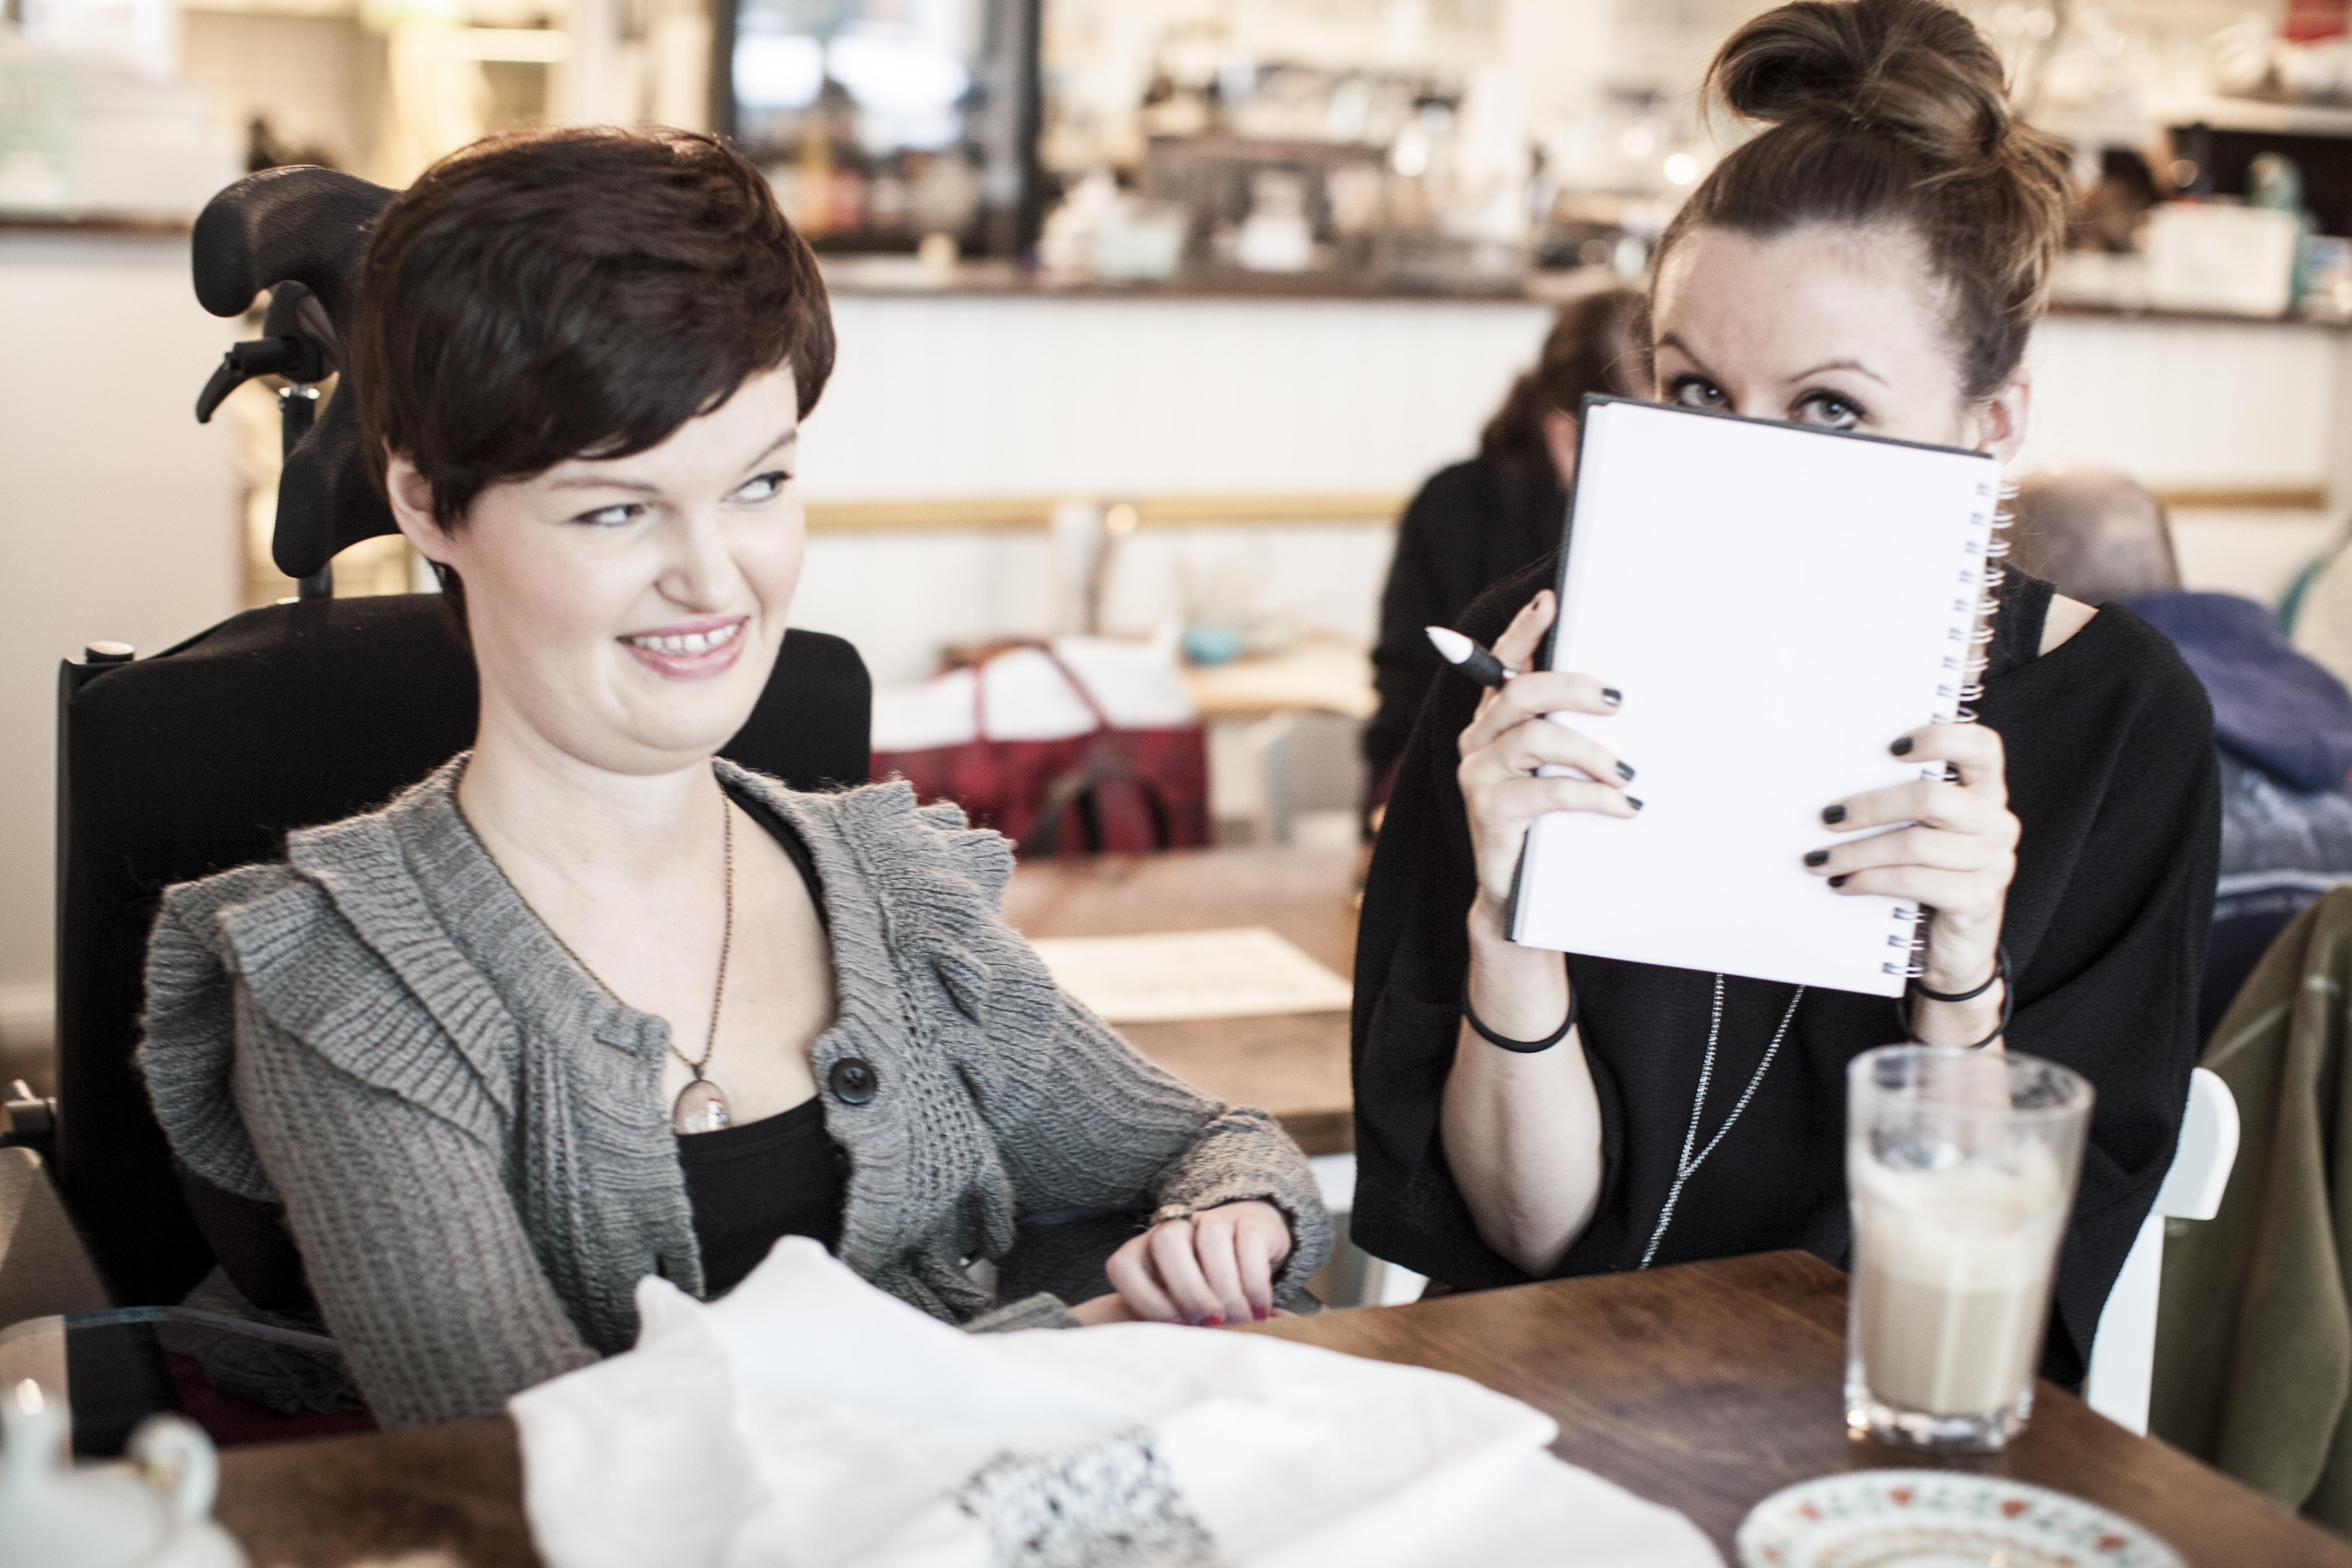 """Anastasia Umrik sitzt mit ihrer Kollegin Kathrin Neumann von """"inkluWAS"""" in einem Café. Anastasia Umrik trägt eine hellgraue Wolljacke und eine elegante Kette und lächelt aus dem Augenwinkel ihrer Kollegin zu. Kathrin Neumann hält trägt einen schwarzen Pullover und schwarz lackierte Fingernägel und hält einen Schreibblock so über ihr Gesicht, dass man nur ihre schwarz geschminkten Augen sieht."""